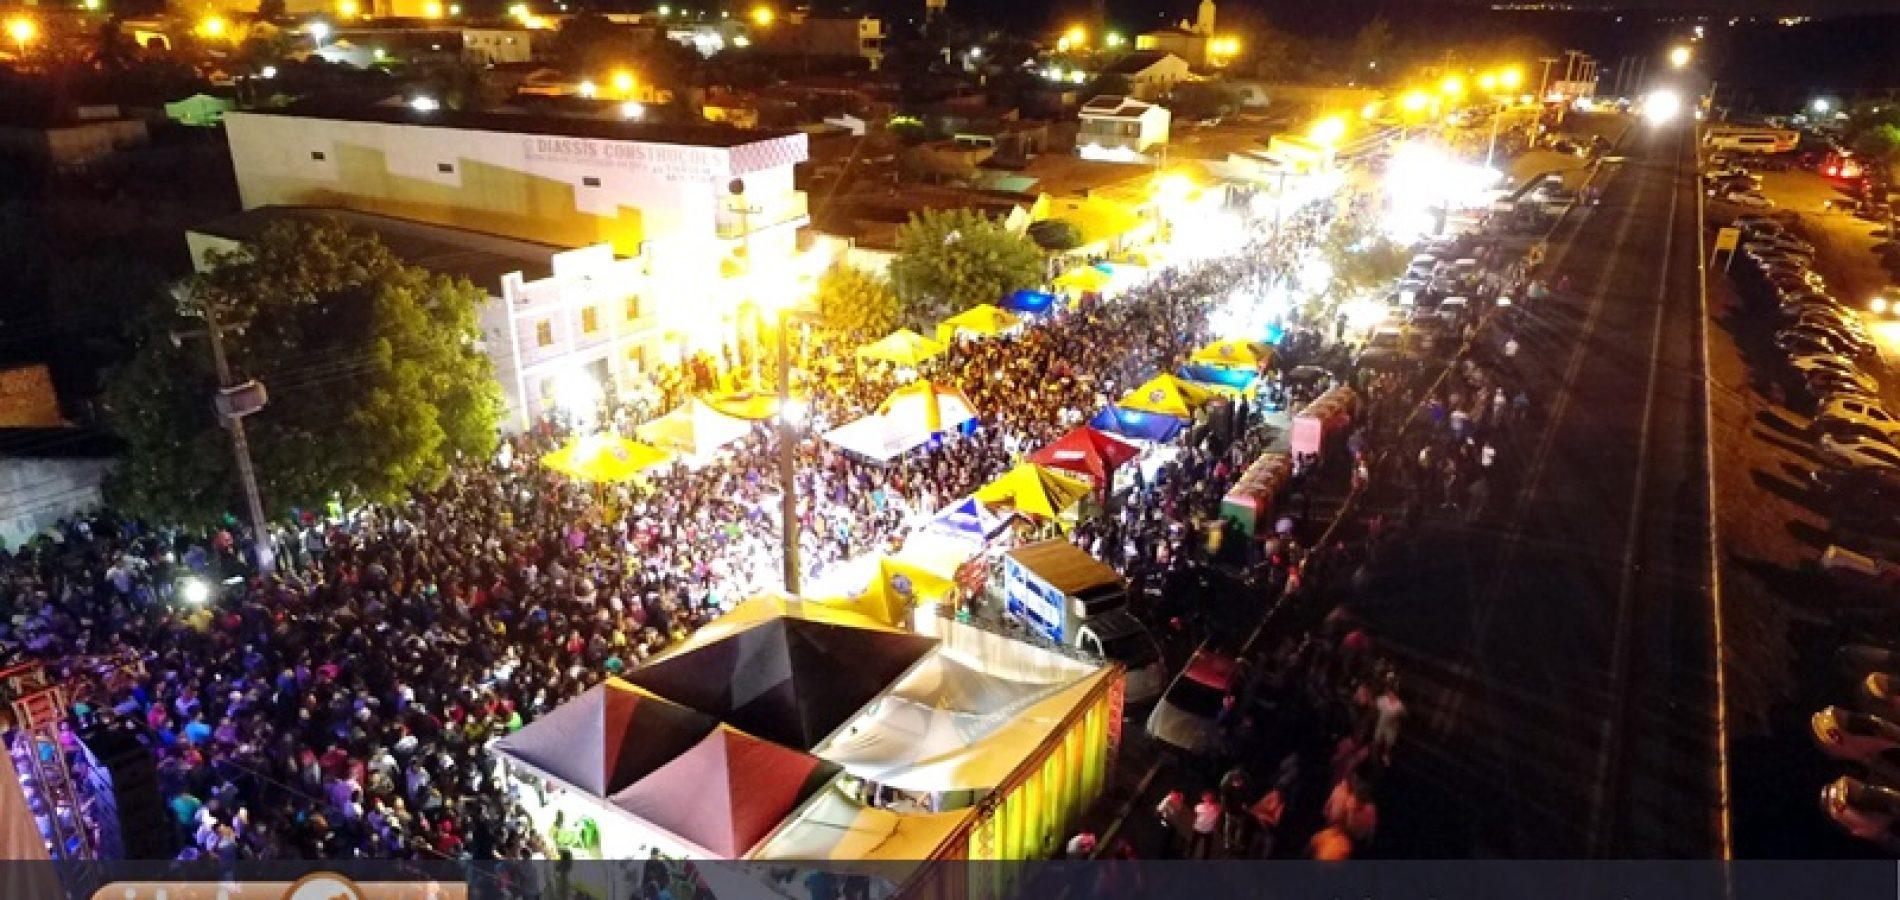 FOTOS | Desfile e festa em comemoração ao Dia da Independência em Geminiano